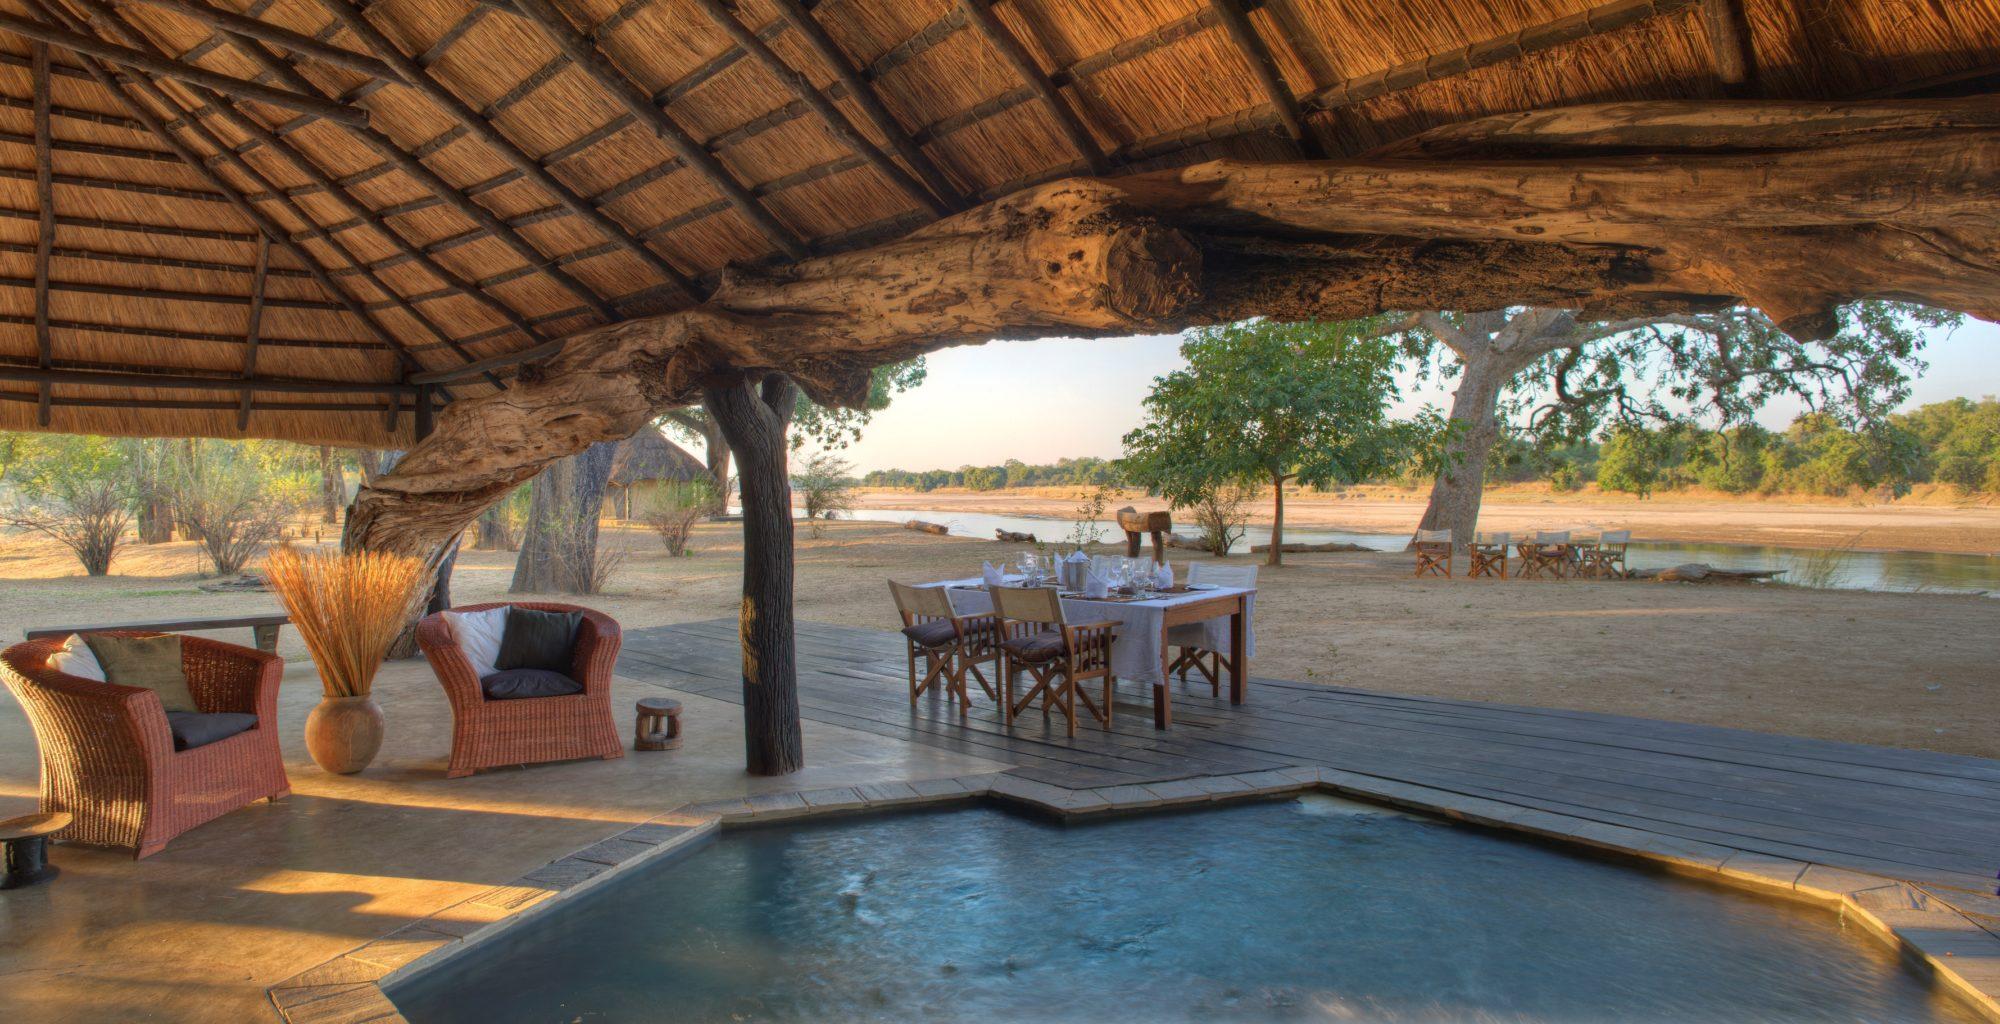 Zambia,-Mchenja-Camp-pool